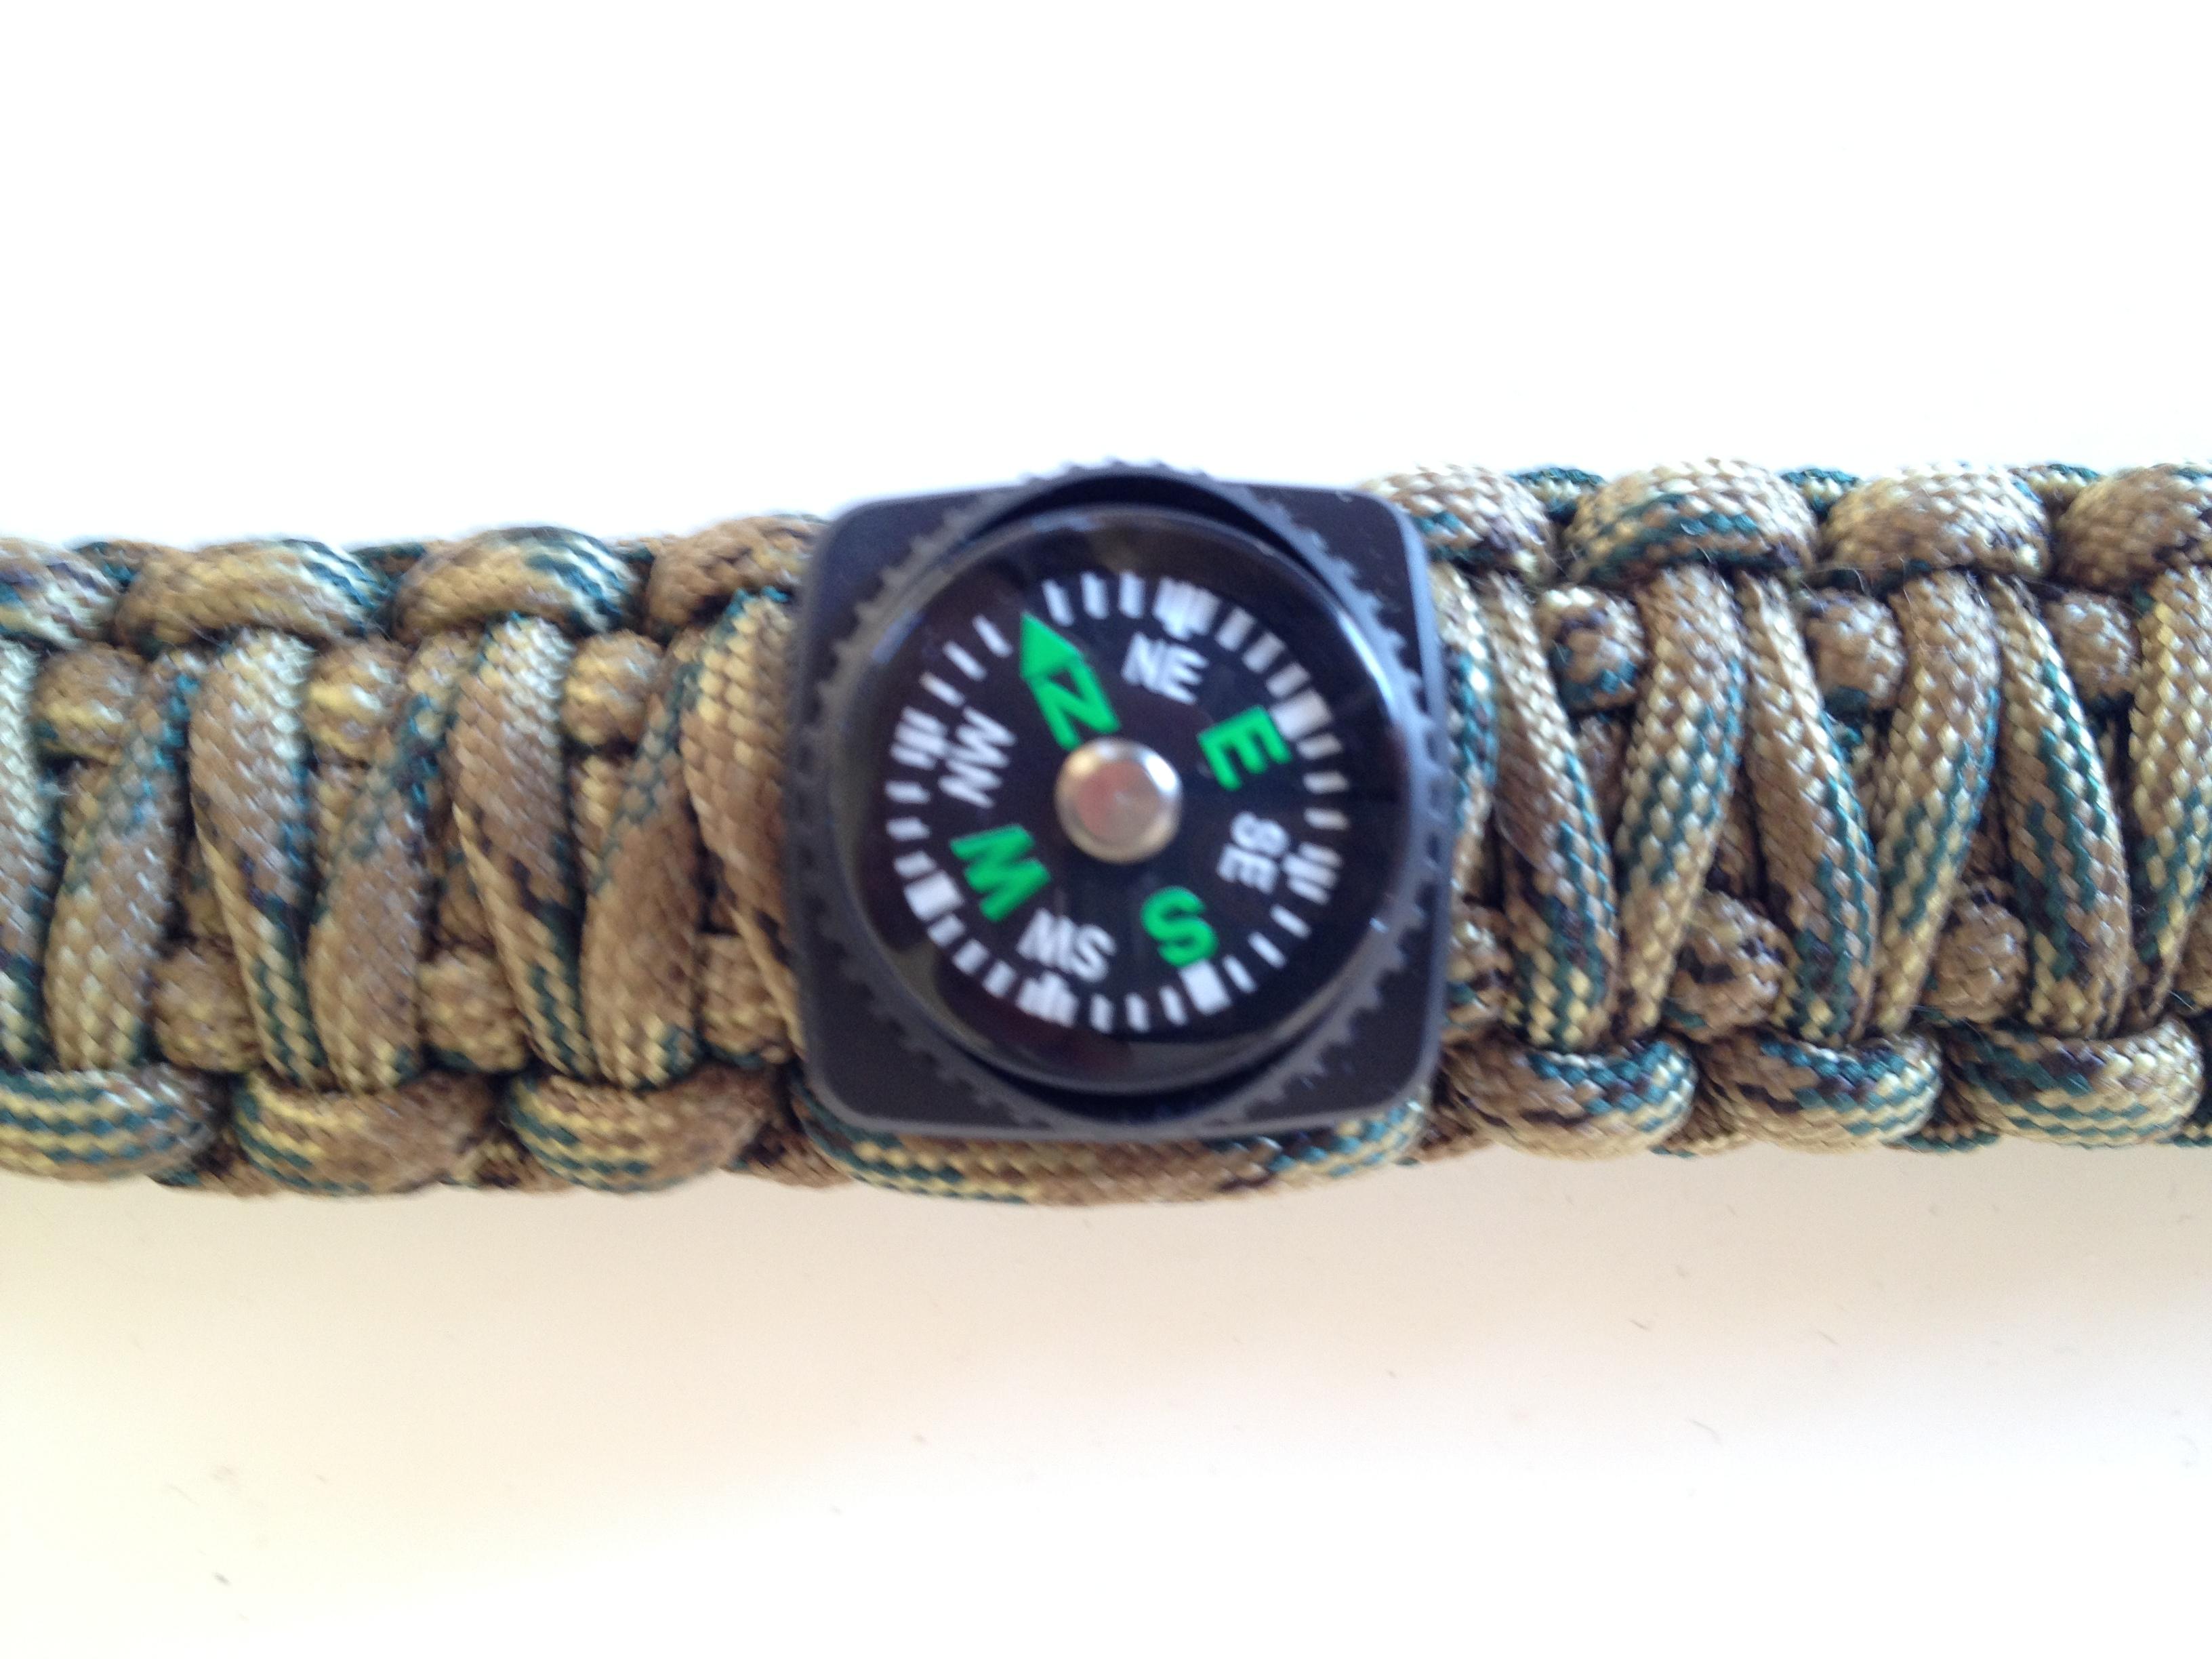 ... survival bracelet with compass d00071e2d6b